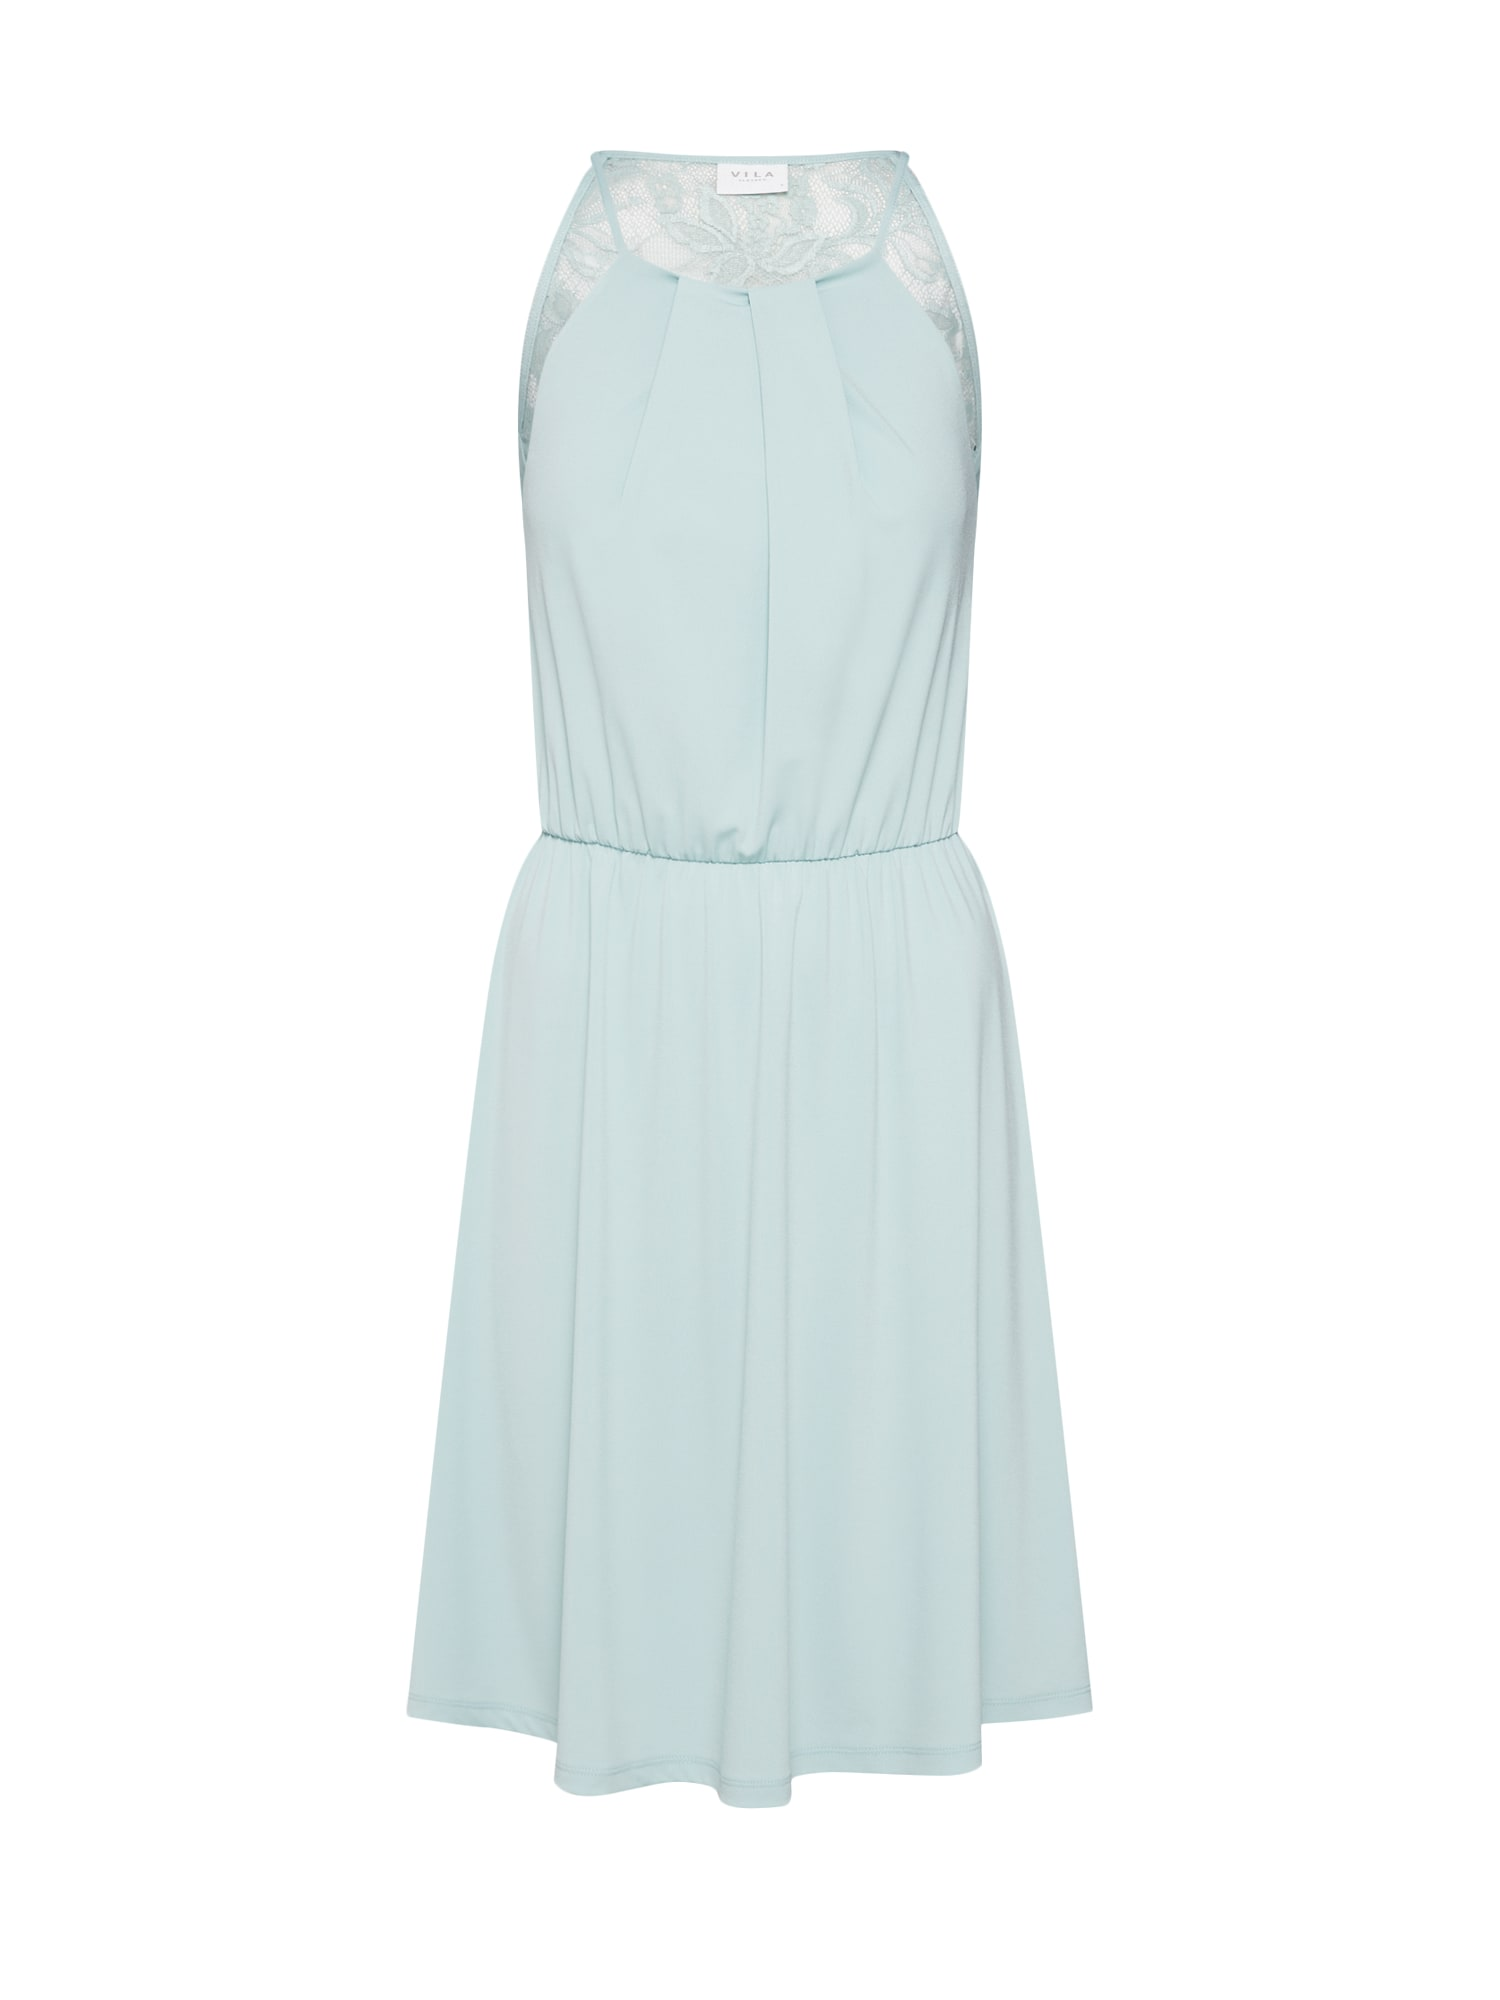 VILA Sukienka koktajlowa 'Vitaini'  jasnoniebieski